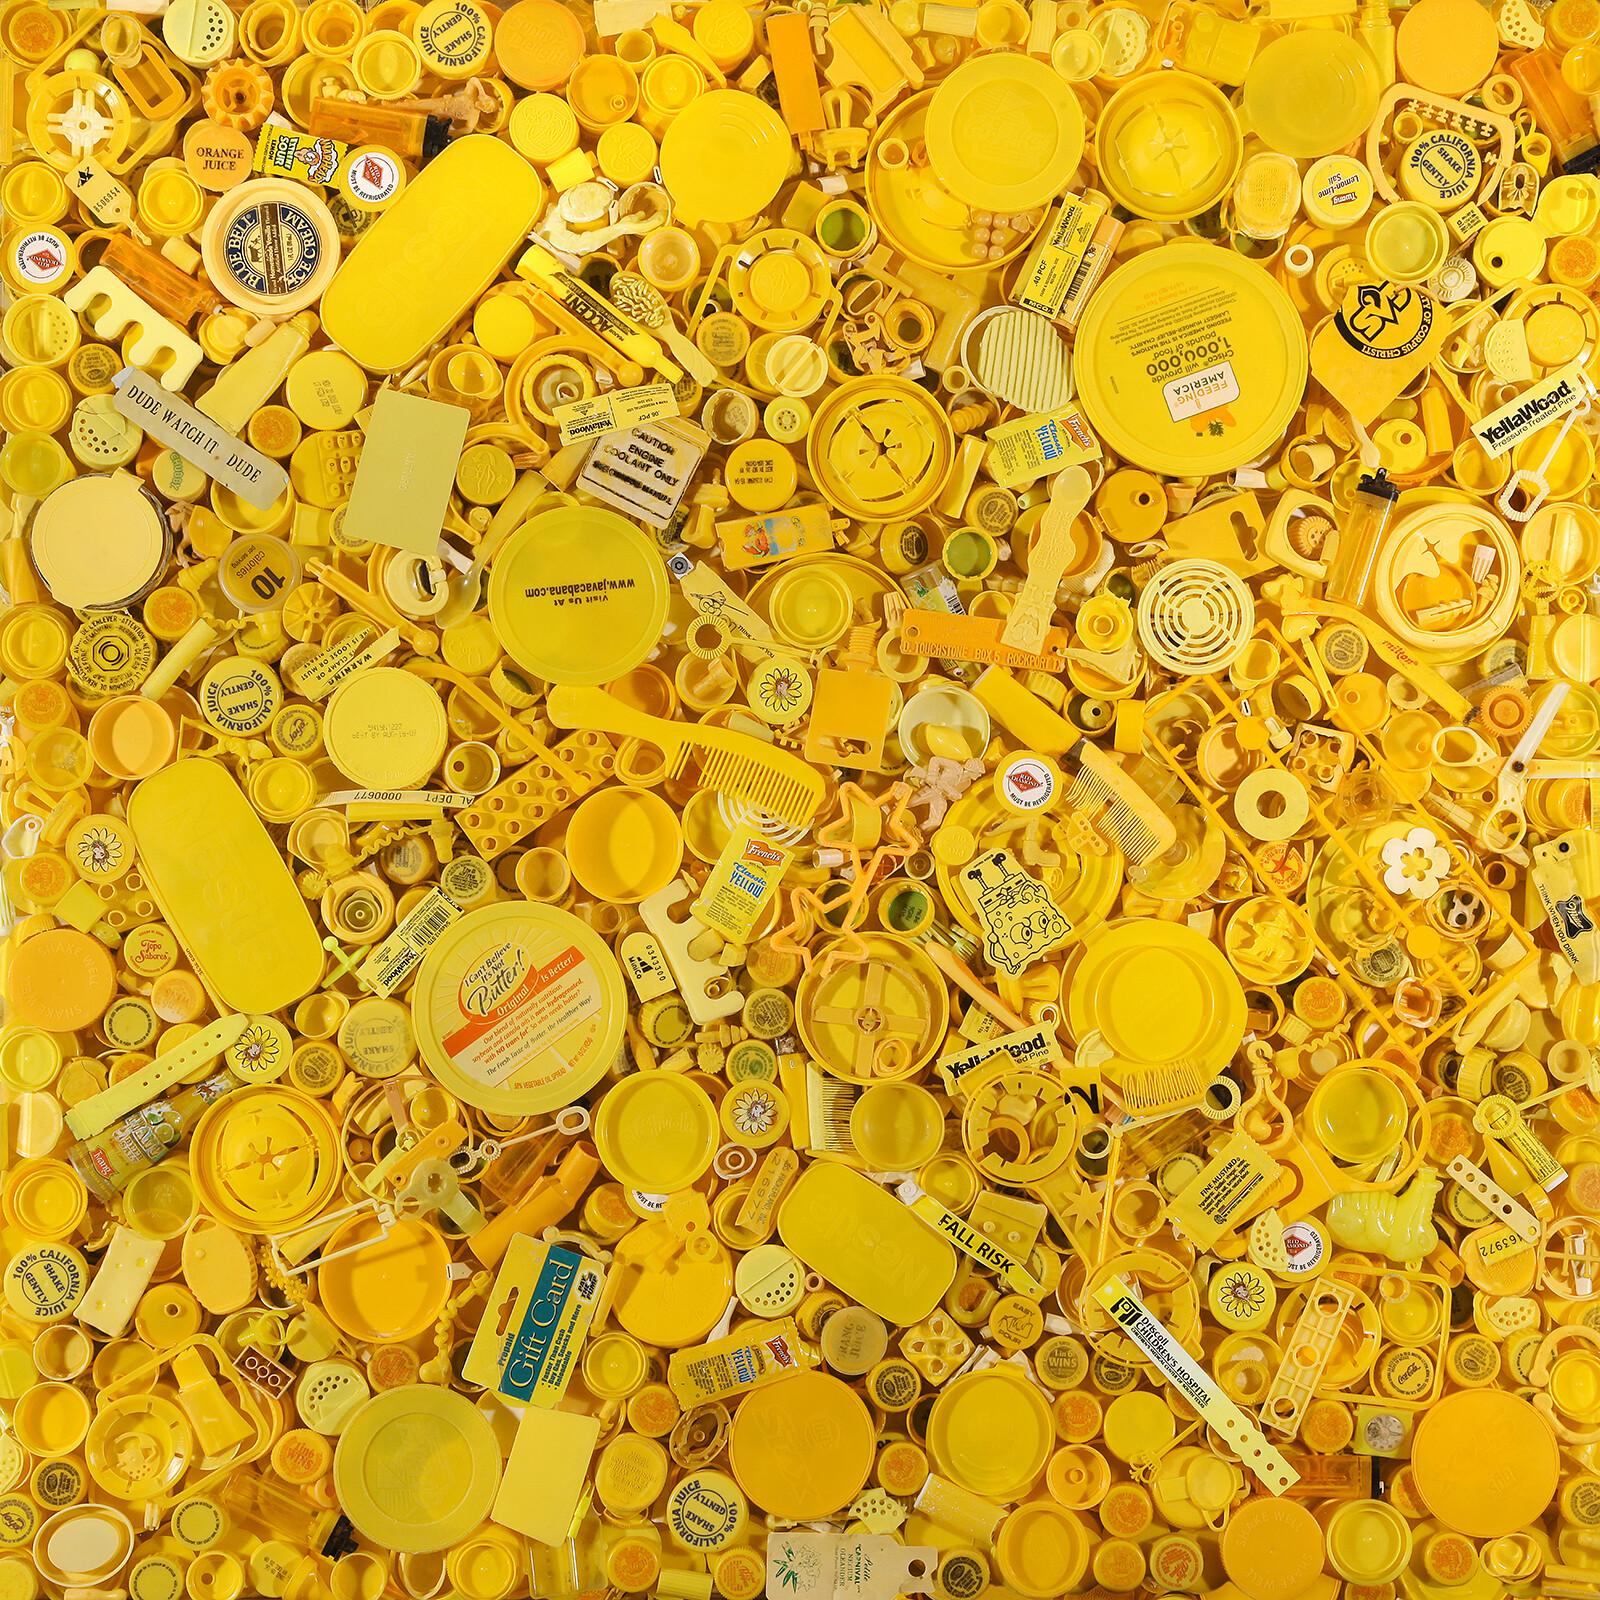 Yellow - Shelia Rogers